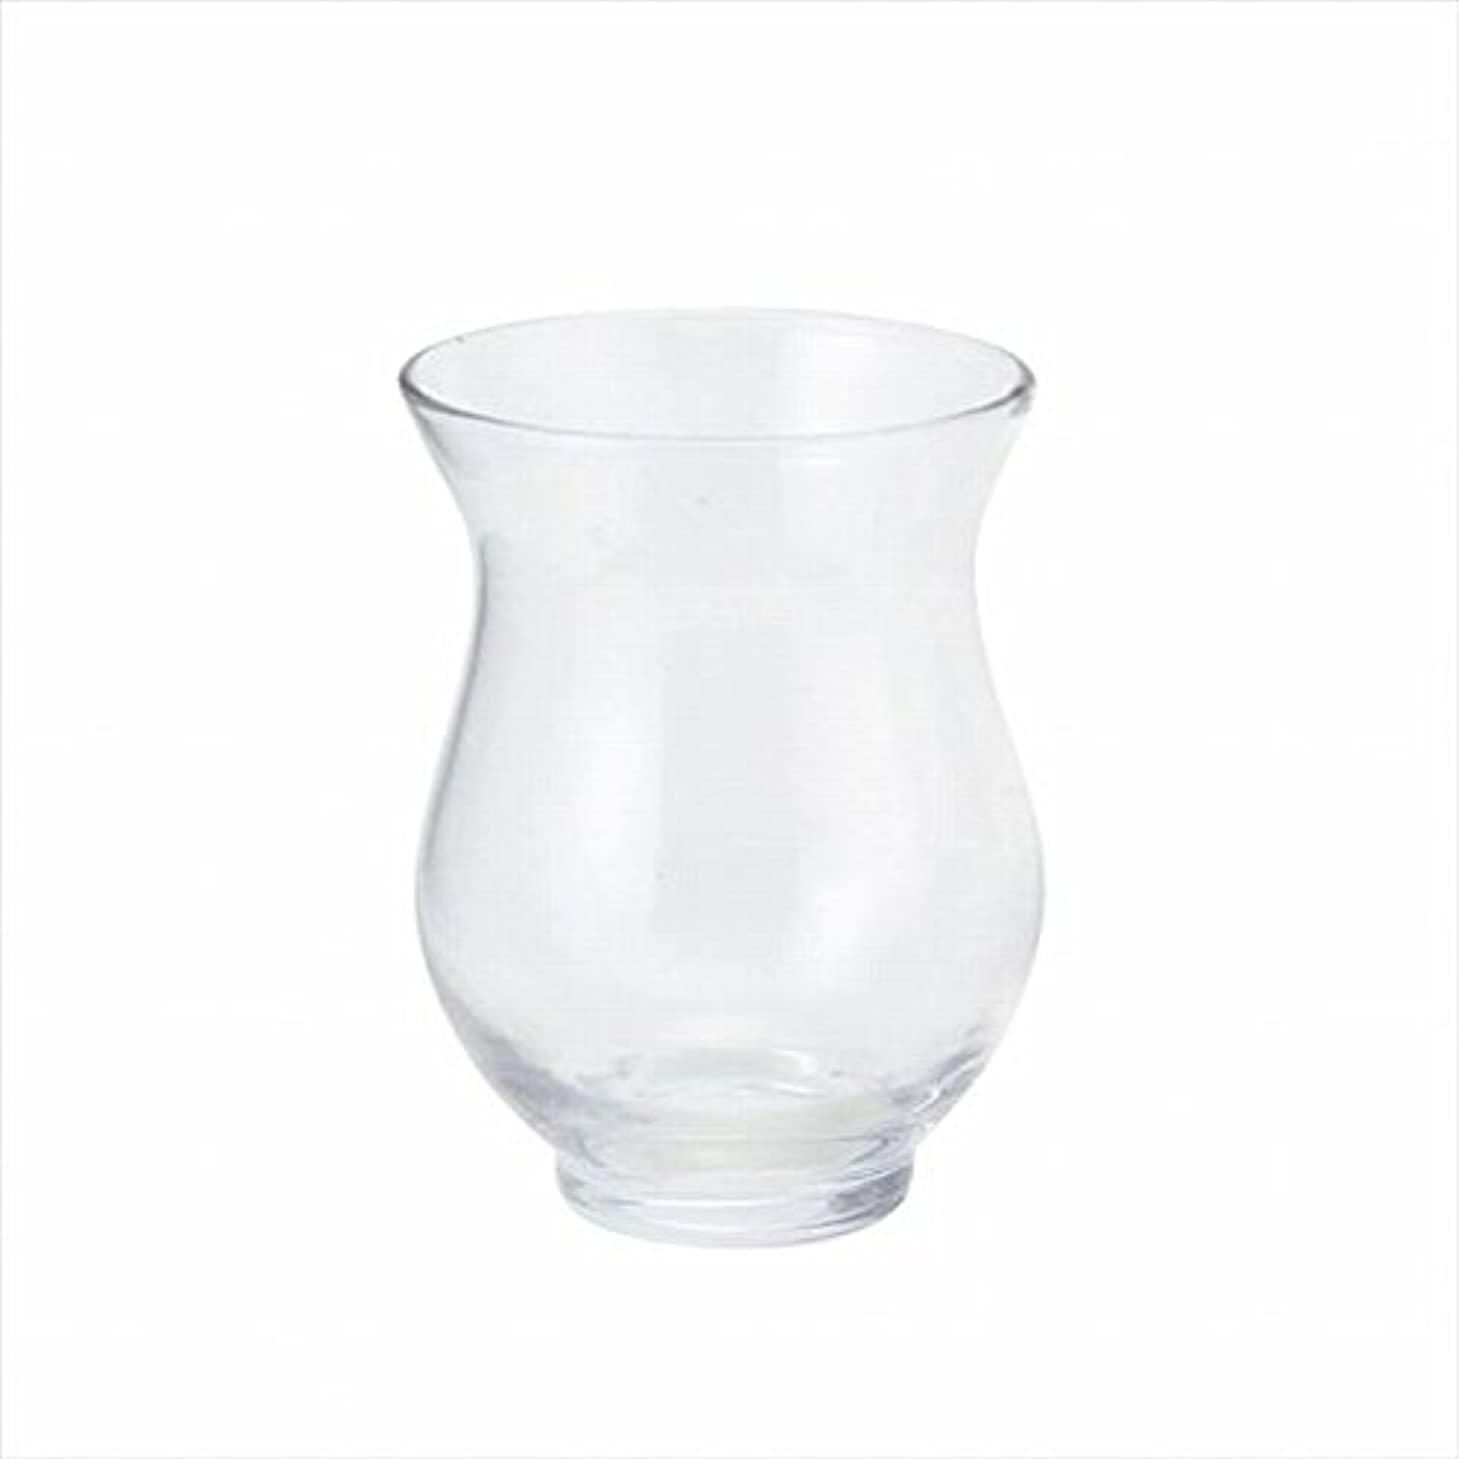 うなり声勝利したガラガラkameyama candle(カメヤマキャンドル) ウィンドライトエレガンスS キャンドル 75x75x100mm (D3825023)